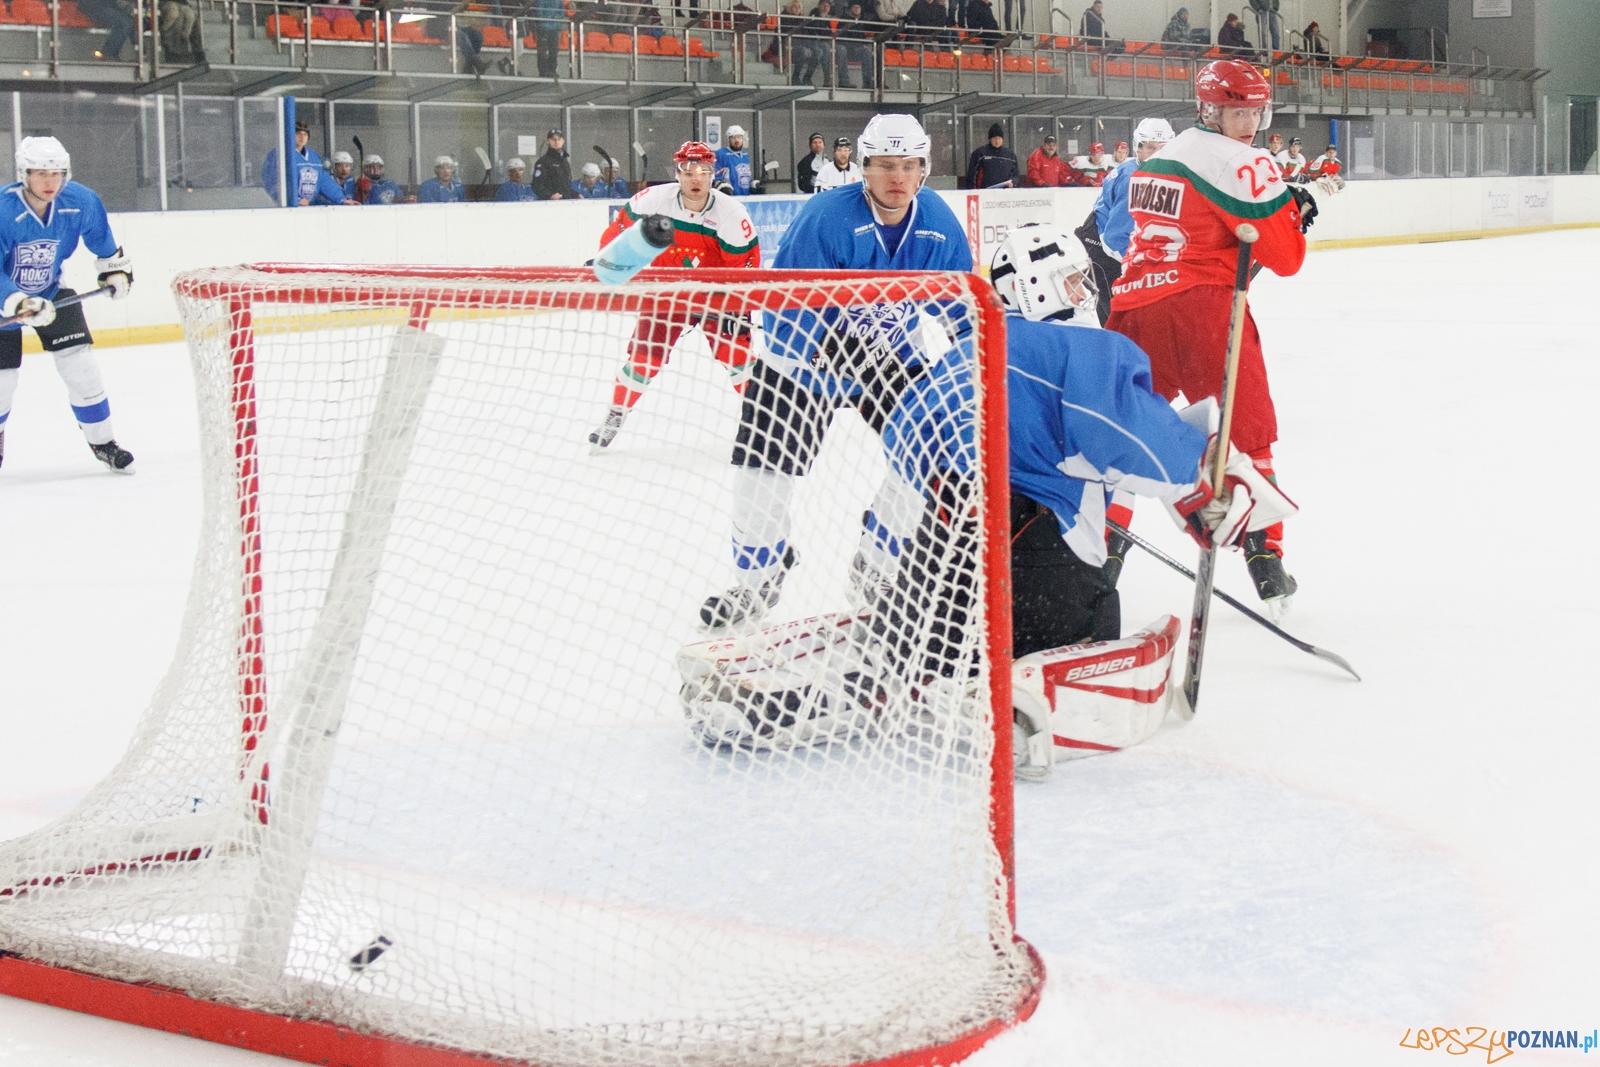 Hokej Poznań - Zagłębie Sosnowiec SA 0:5 - Poznań 17.12.2016  Foto: LepszyPOZNAN.pl / Paweł Rychter